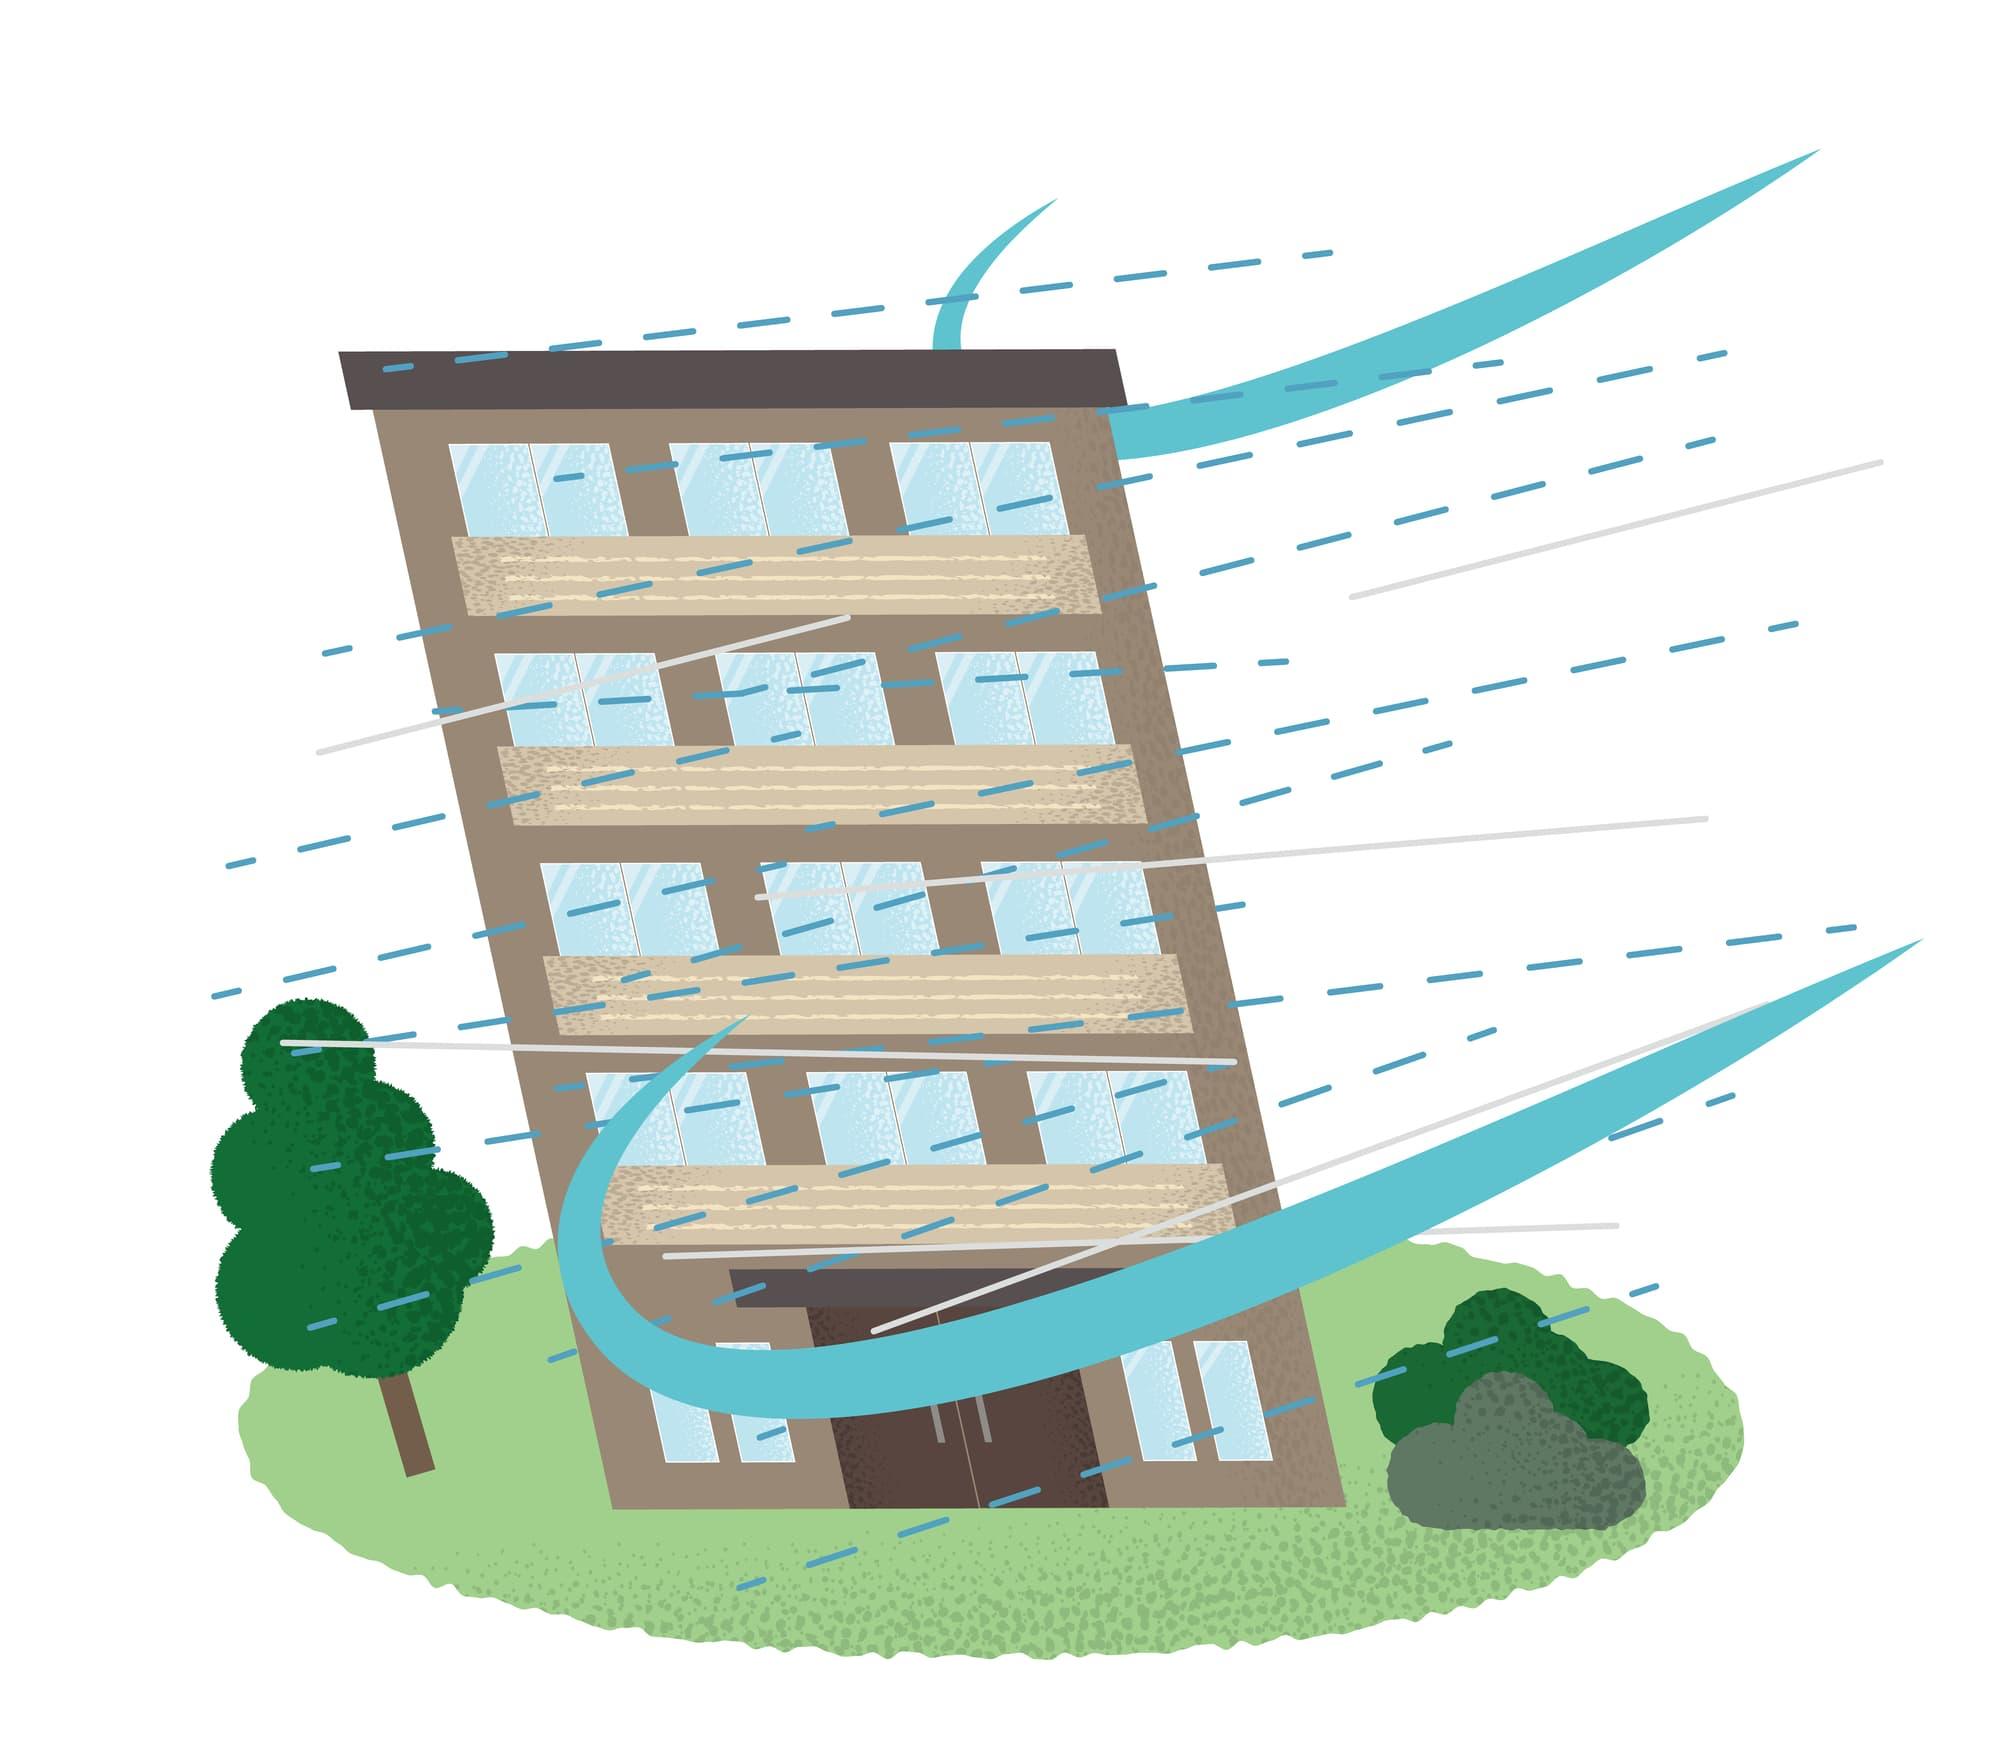 まさかの暴風被害!保険請求代行でスピード対応、修繕出費ゼロに。